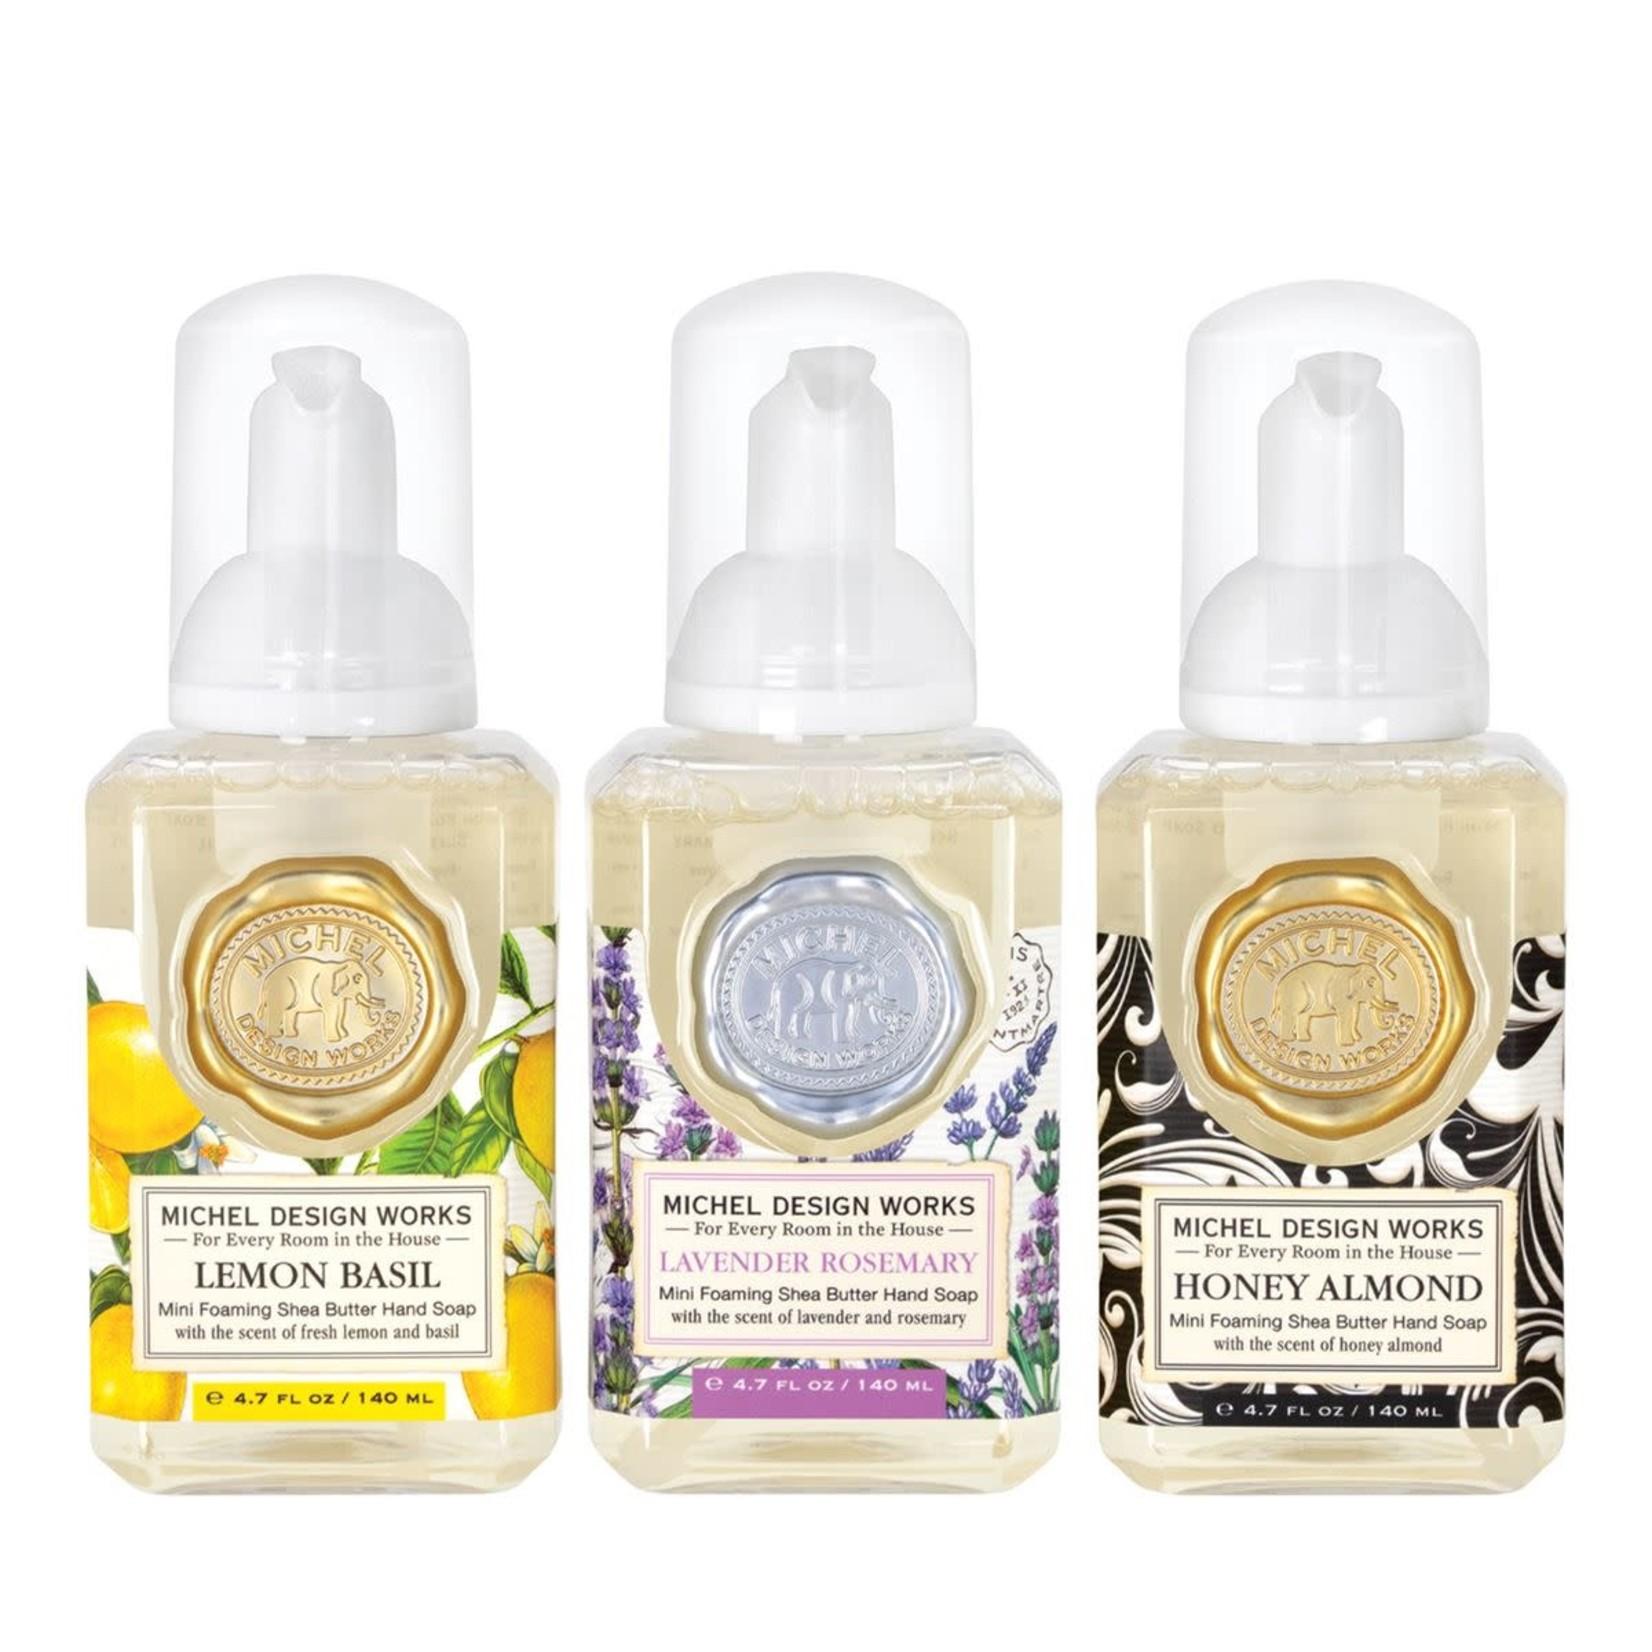 Michel Design Works Mini Foaming Soap Set : Lavender Rosemary, Lemon Basil, Honey Almond